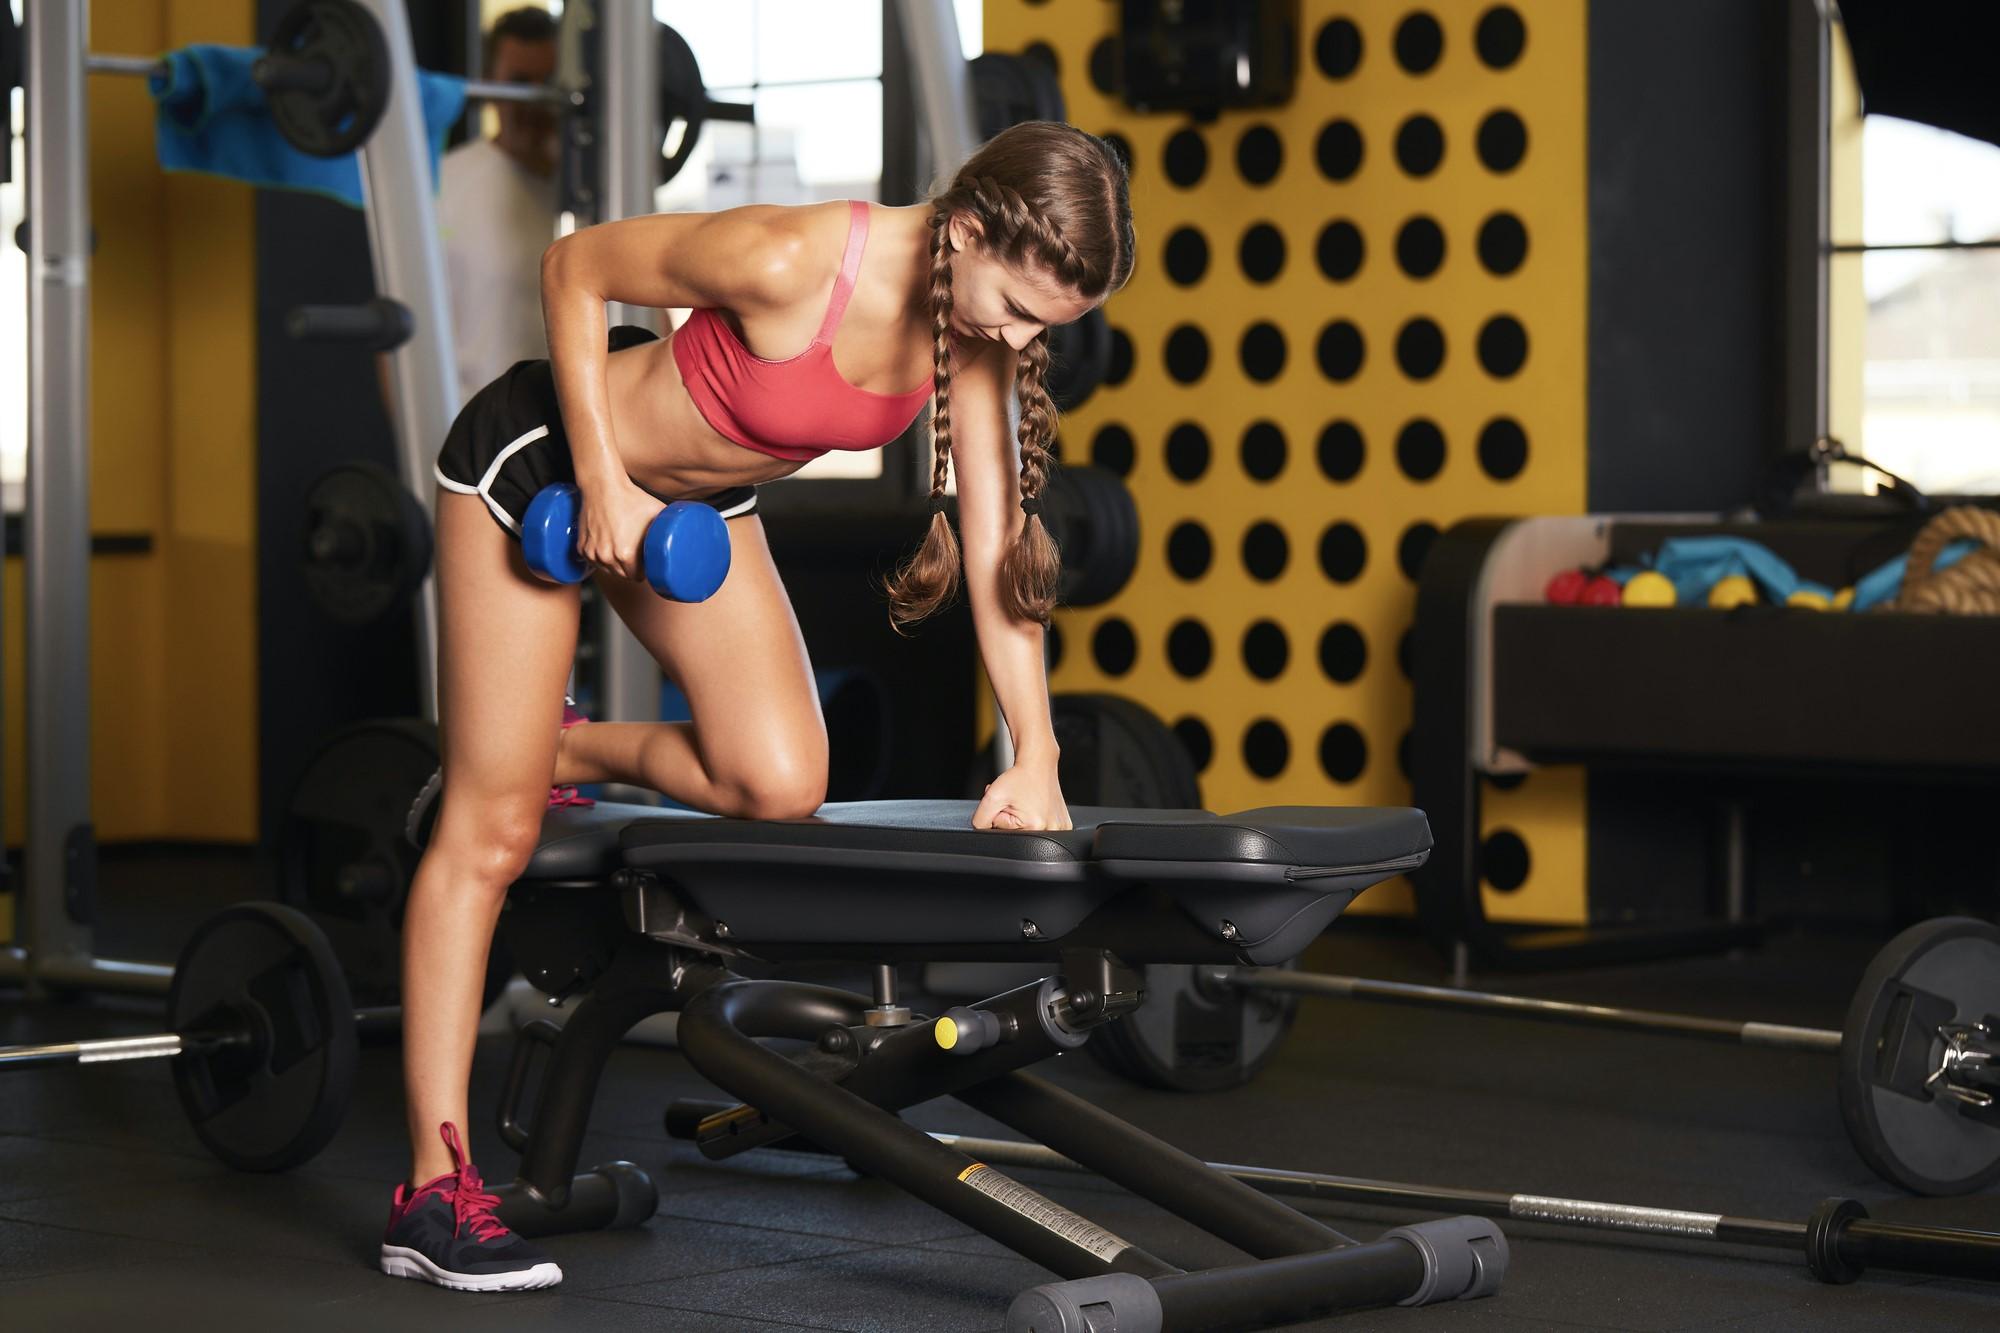 モデル体型への近道はパーソナルトレーニングジム?!ただ痩せるだけではなく、美しい体型に!